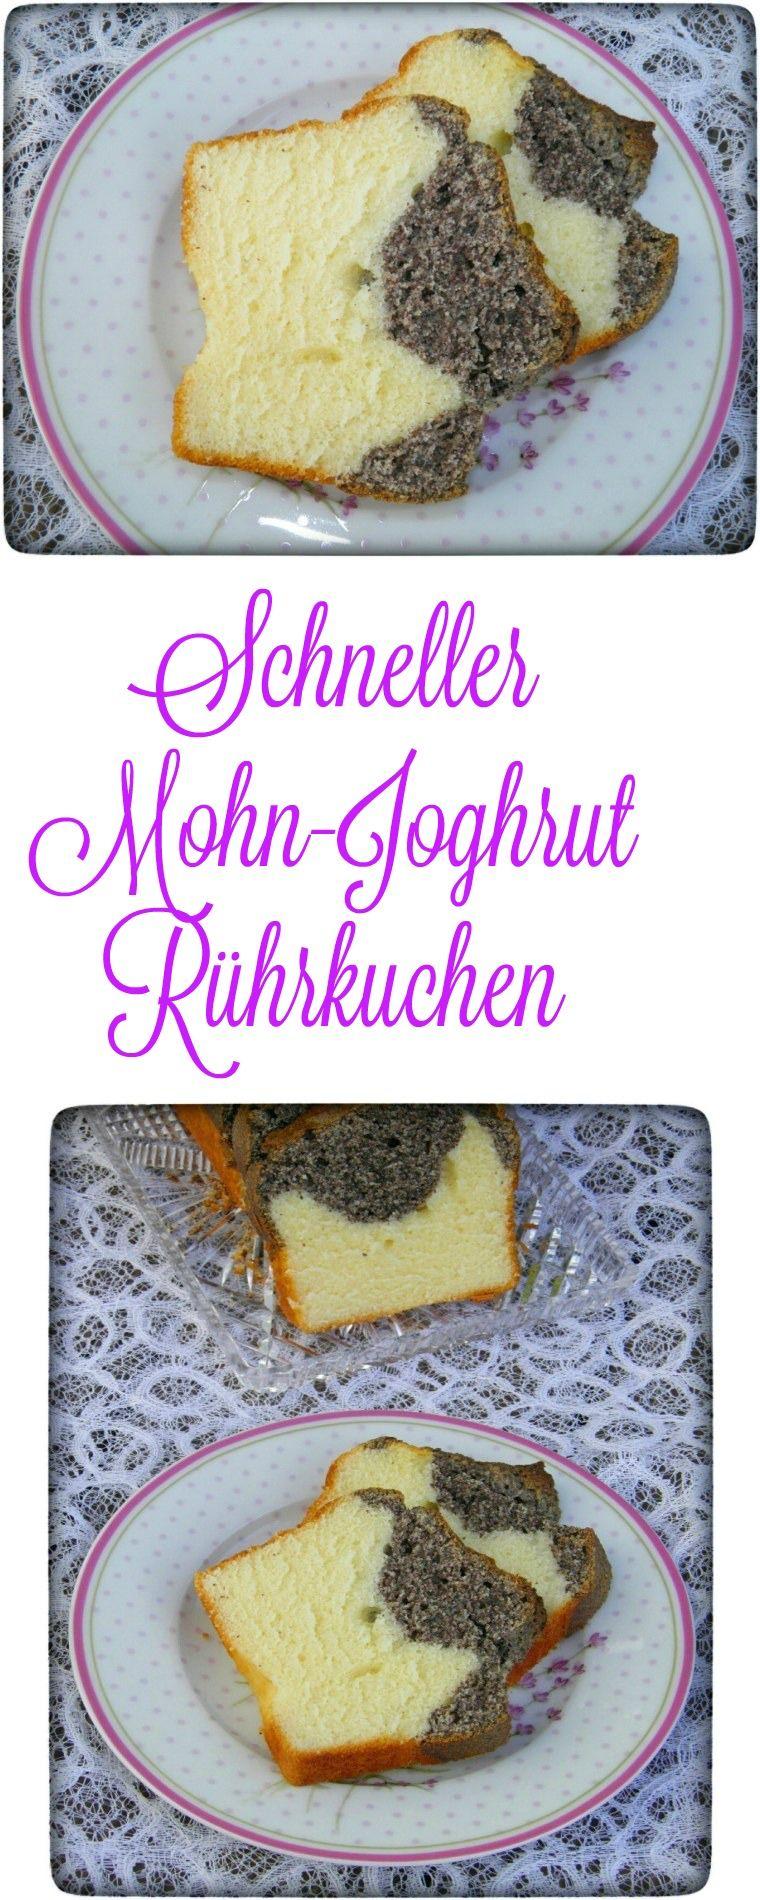 Schneller Ruhrkuchen Mohn Joghurt Kuchen Wiewowasistgut Com Rezept Kuchen Schneller Ruhrkuchen Kuchen Rezepte Einfach